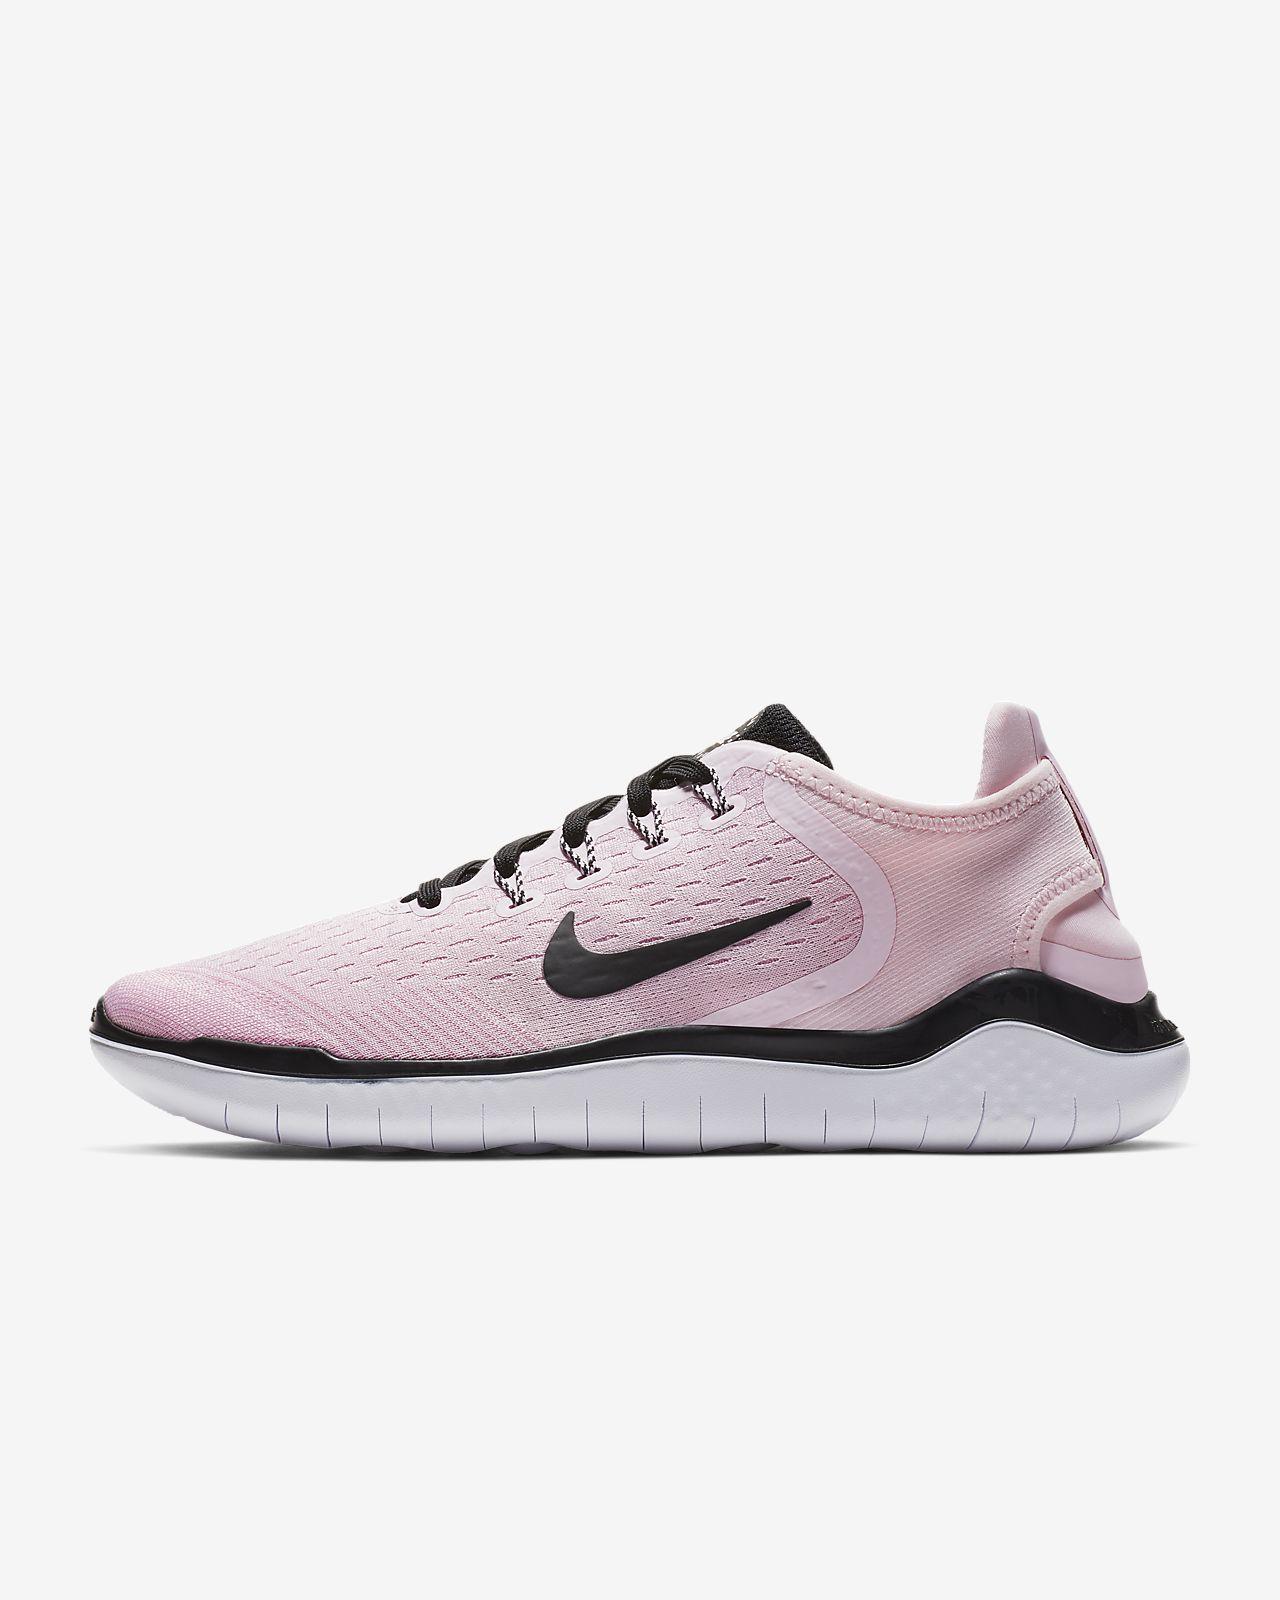 786998f1c8e96 Nike Free RN 2018 Women s Running Shoe. Nike.com GB